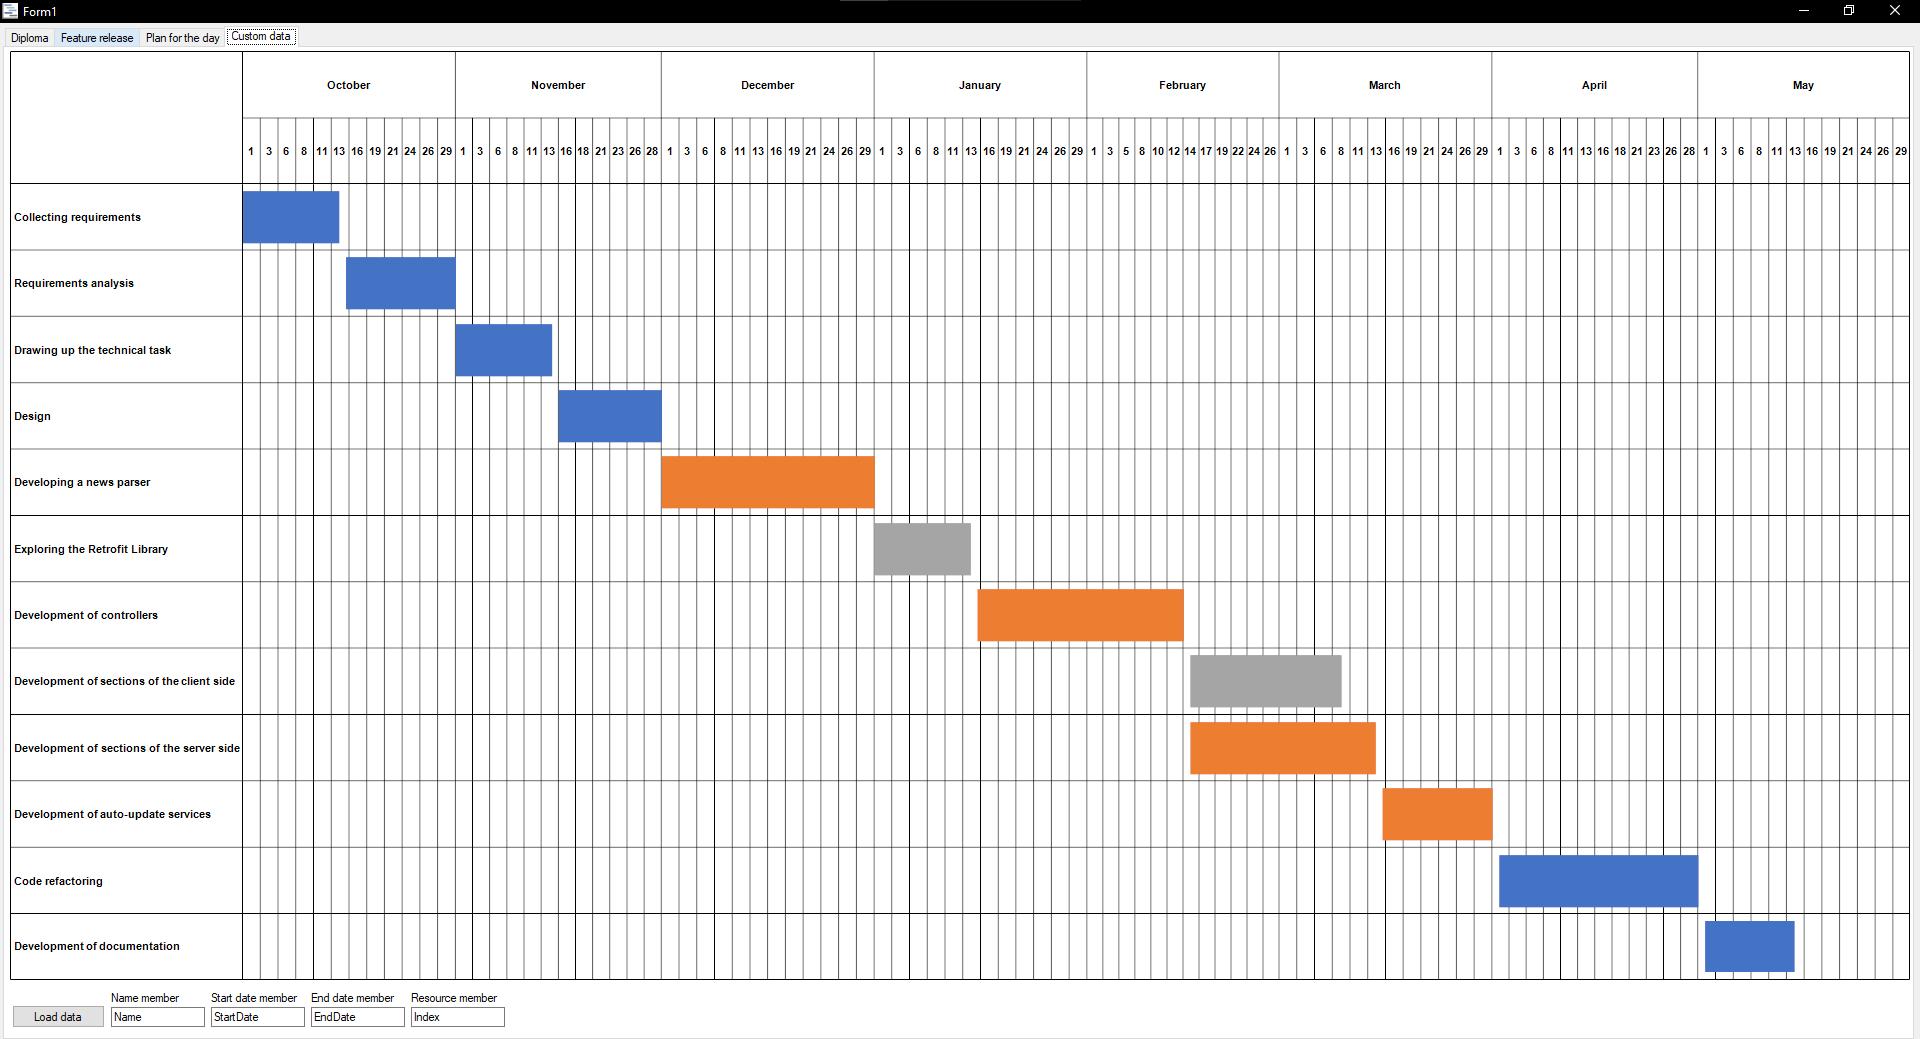 Benutzerdefiniertes Diagramm, das anhand einer Textdatei mit Daten erstellt wurde